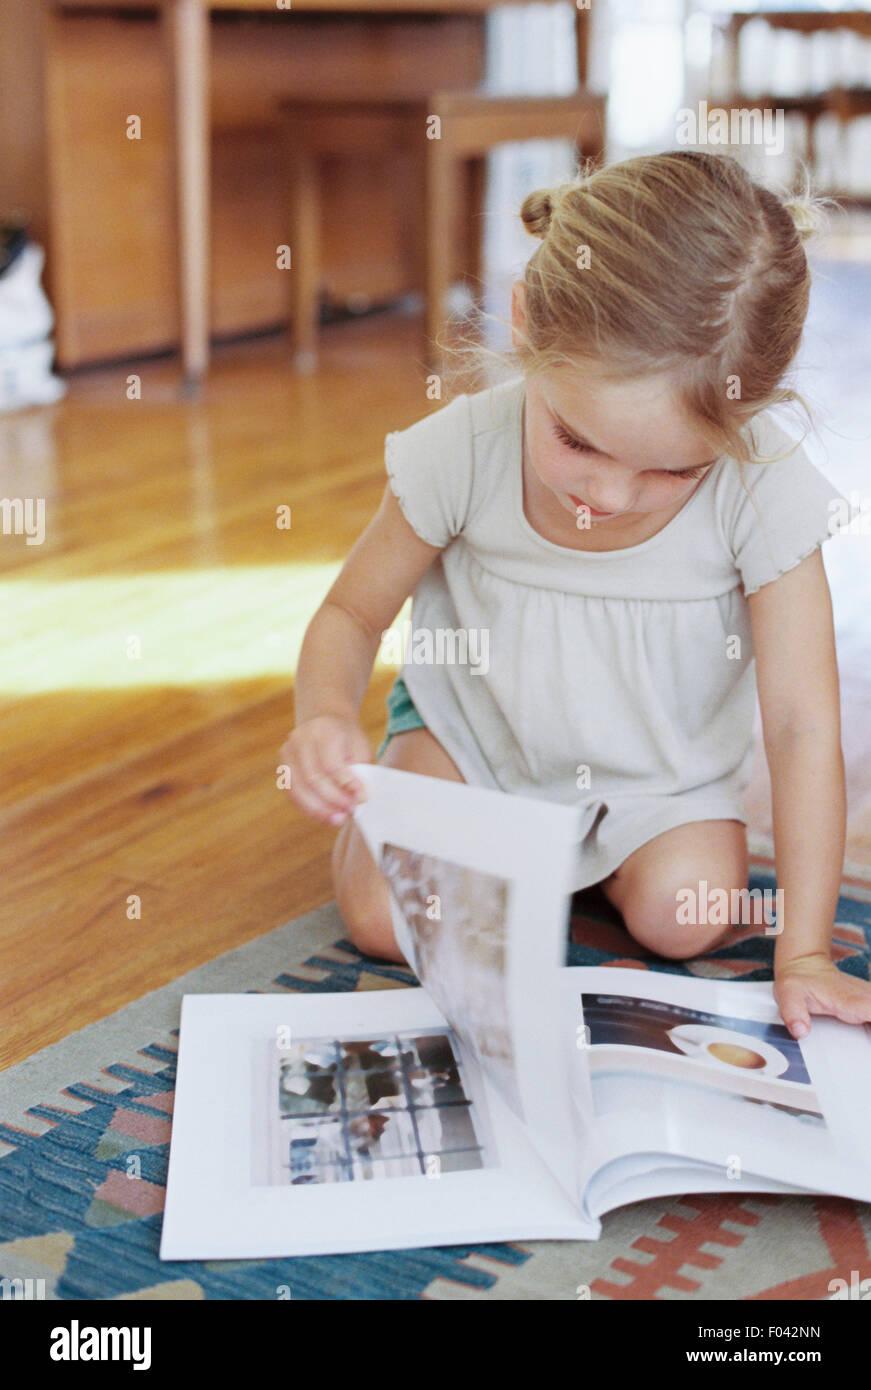 Giovane ragazza seduta sul pavimento, la lettura di un lifestyle magazine. Immagini Stock